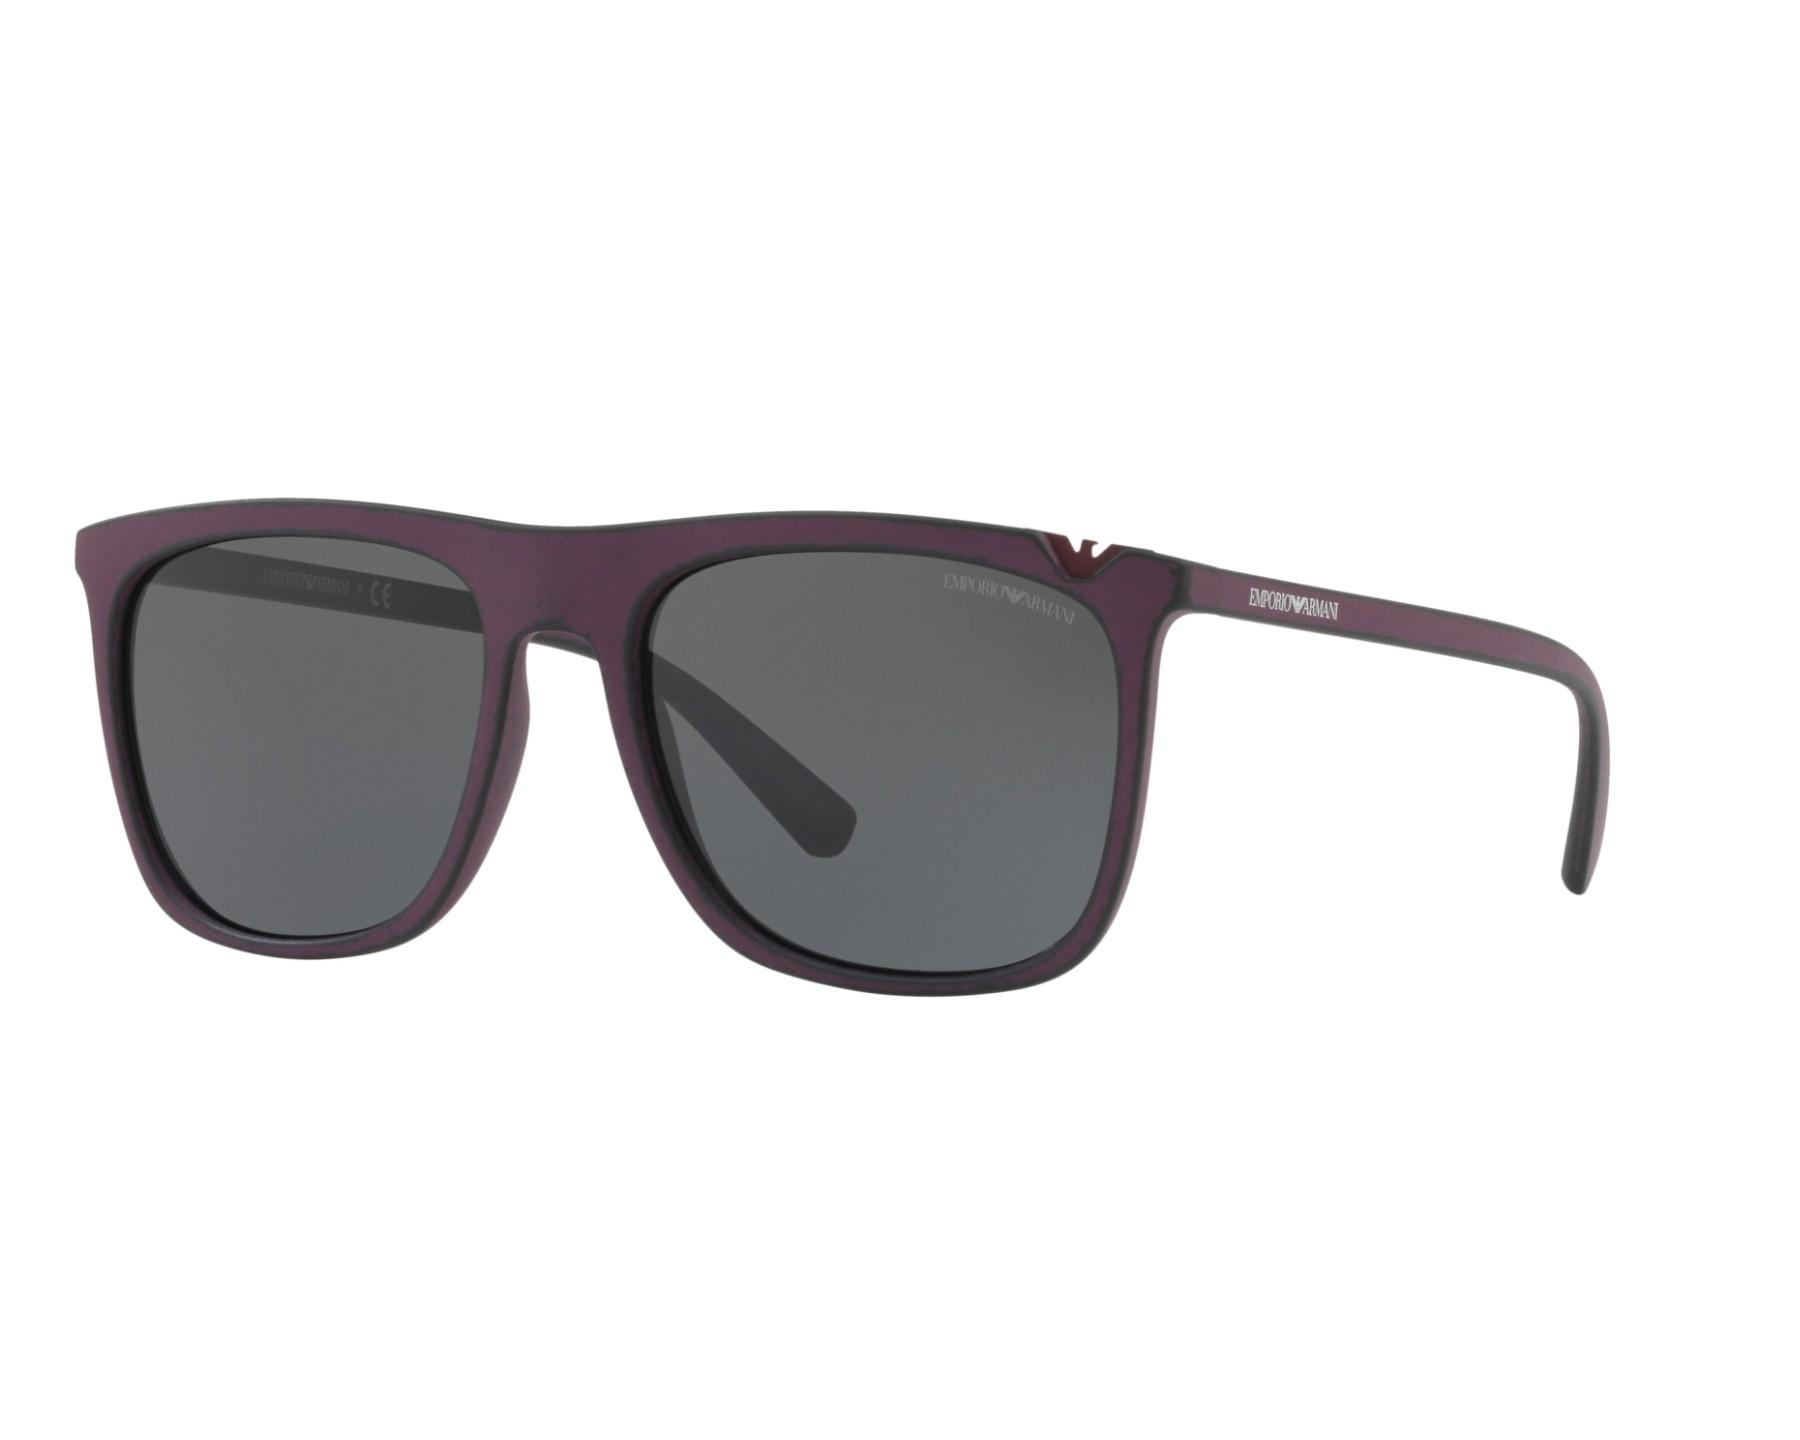 lunettes de soleil emporio armani ea 4095 560187 marron avec des verres gris. Black Bedroom Furniture Sets. Home Design Ideas